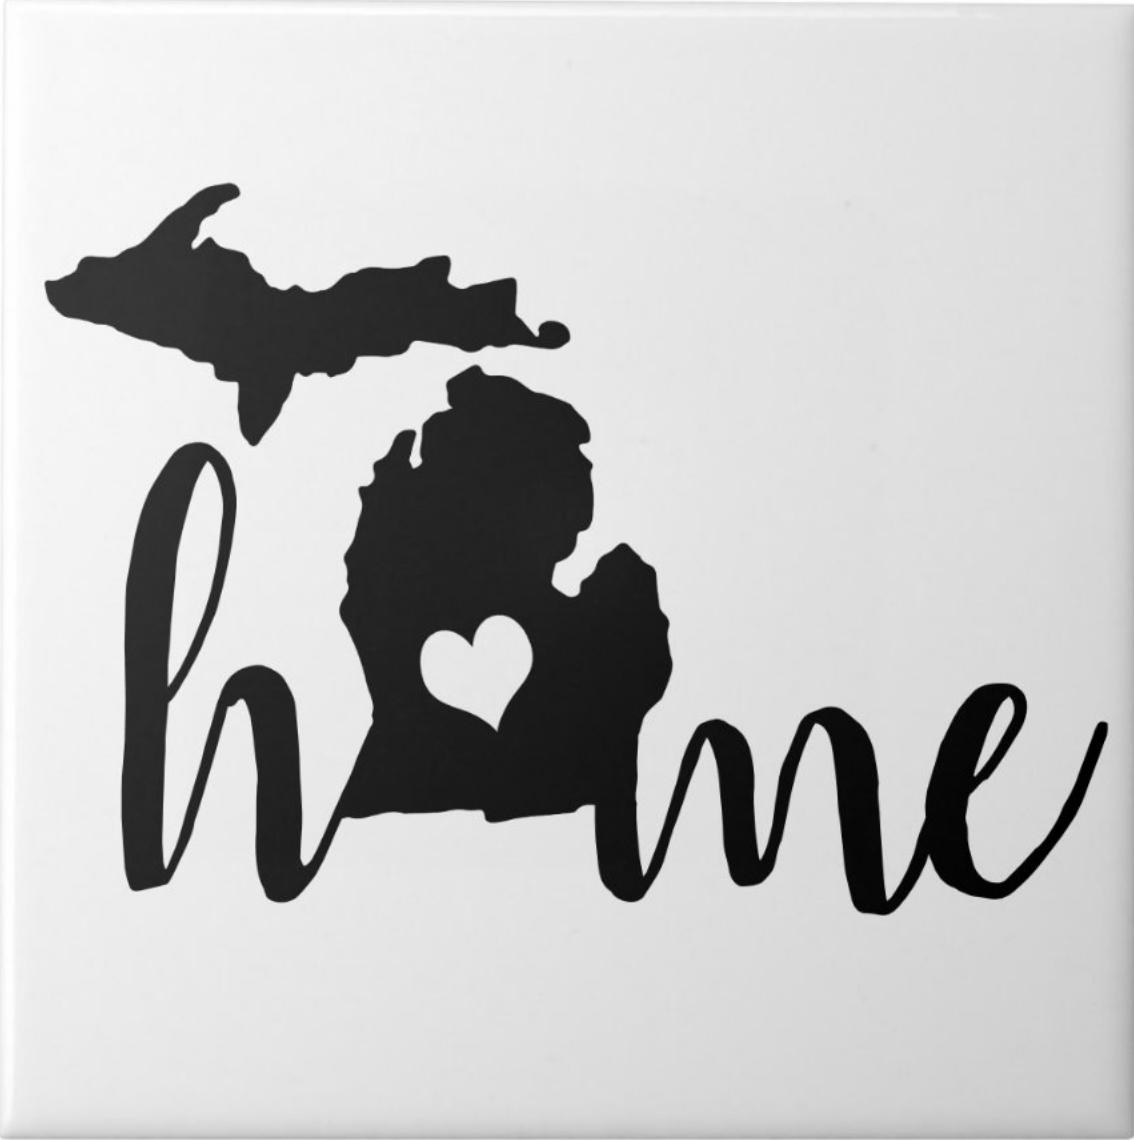 State Of Michigan Black Silhouette Home Ceramic Tile Zazzle Com In 2021 Michigan Sticker Michigan Art State Of Michigan [ png ]